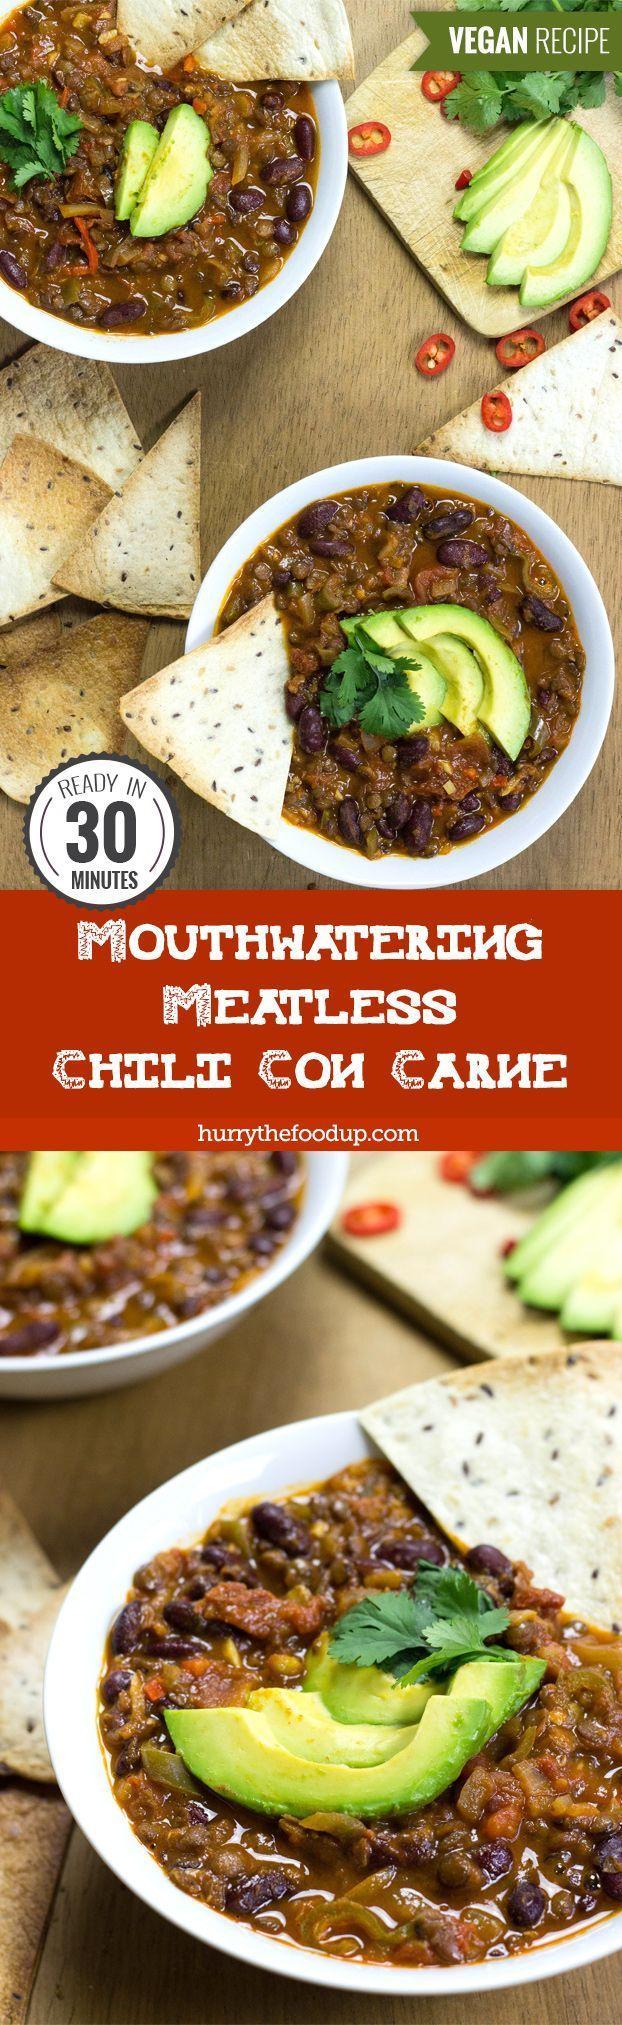 best 25 chili con carne ideas on pinterest chilli con carne recipe chilli con and classic. Black Bedroom Furniture Sets. Home Design Ideas